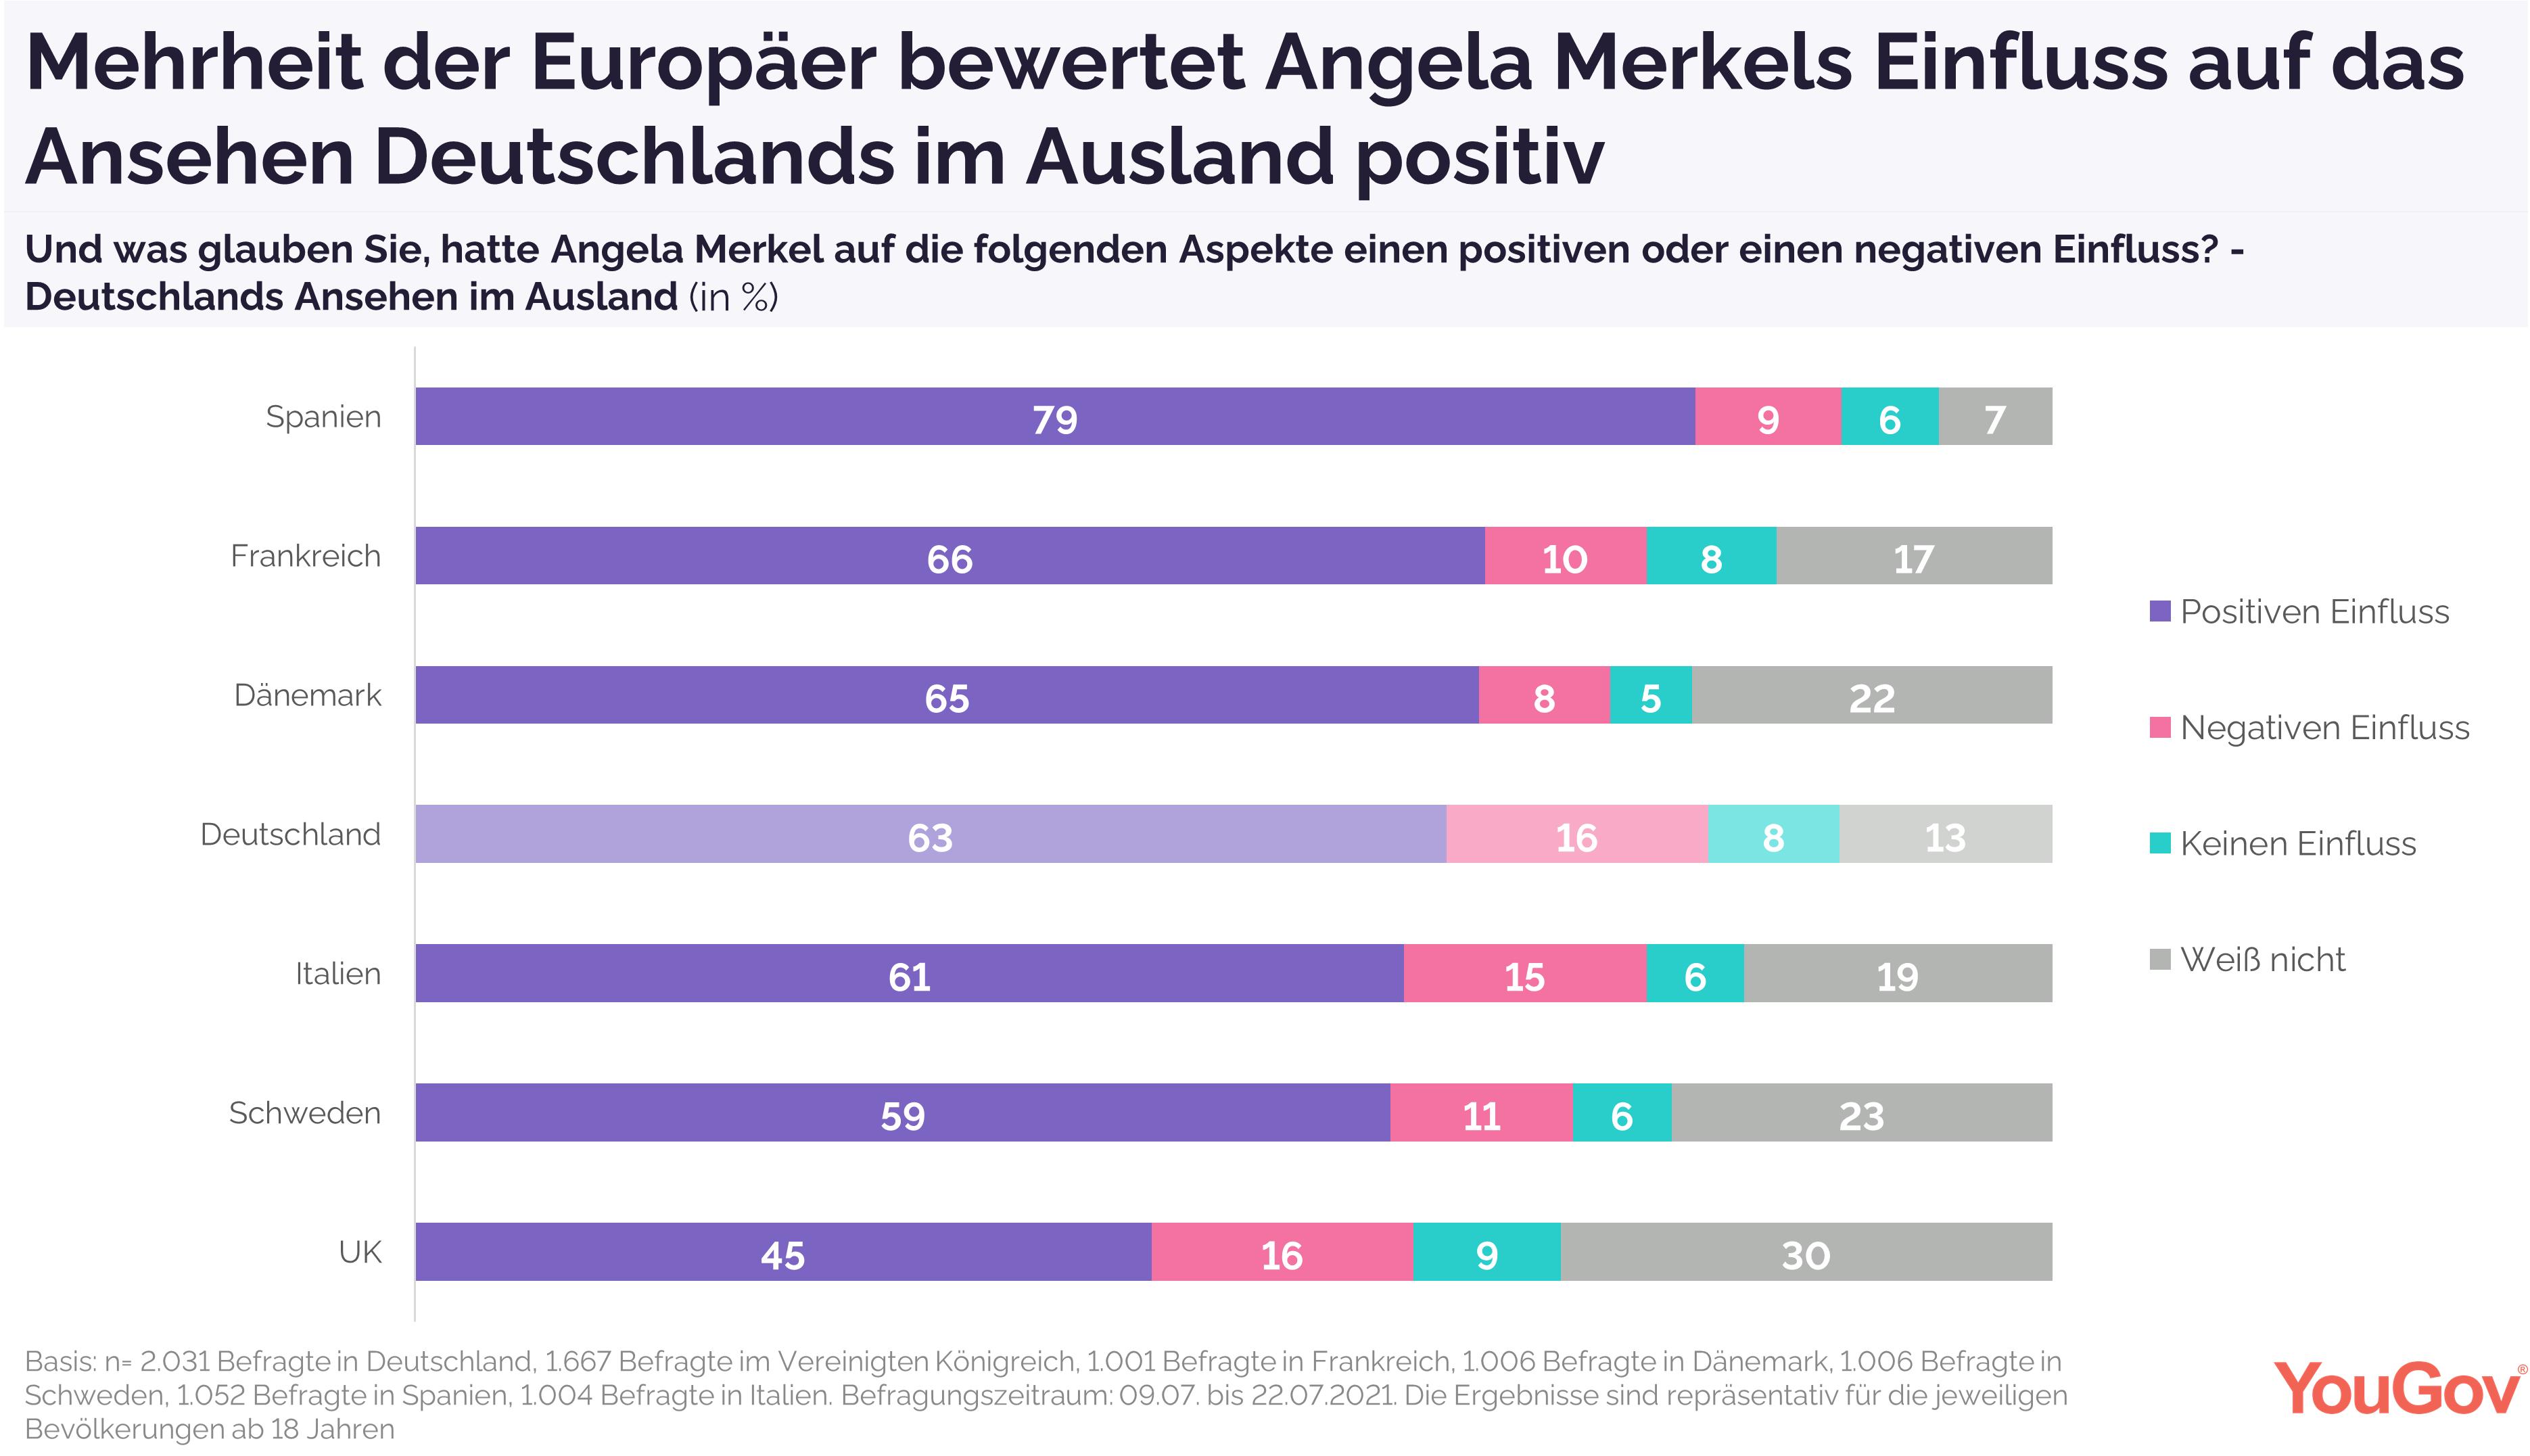 Merkels Einfluss aus Deutschlands Ansehen im Ausland